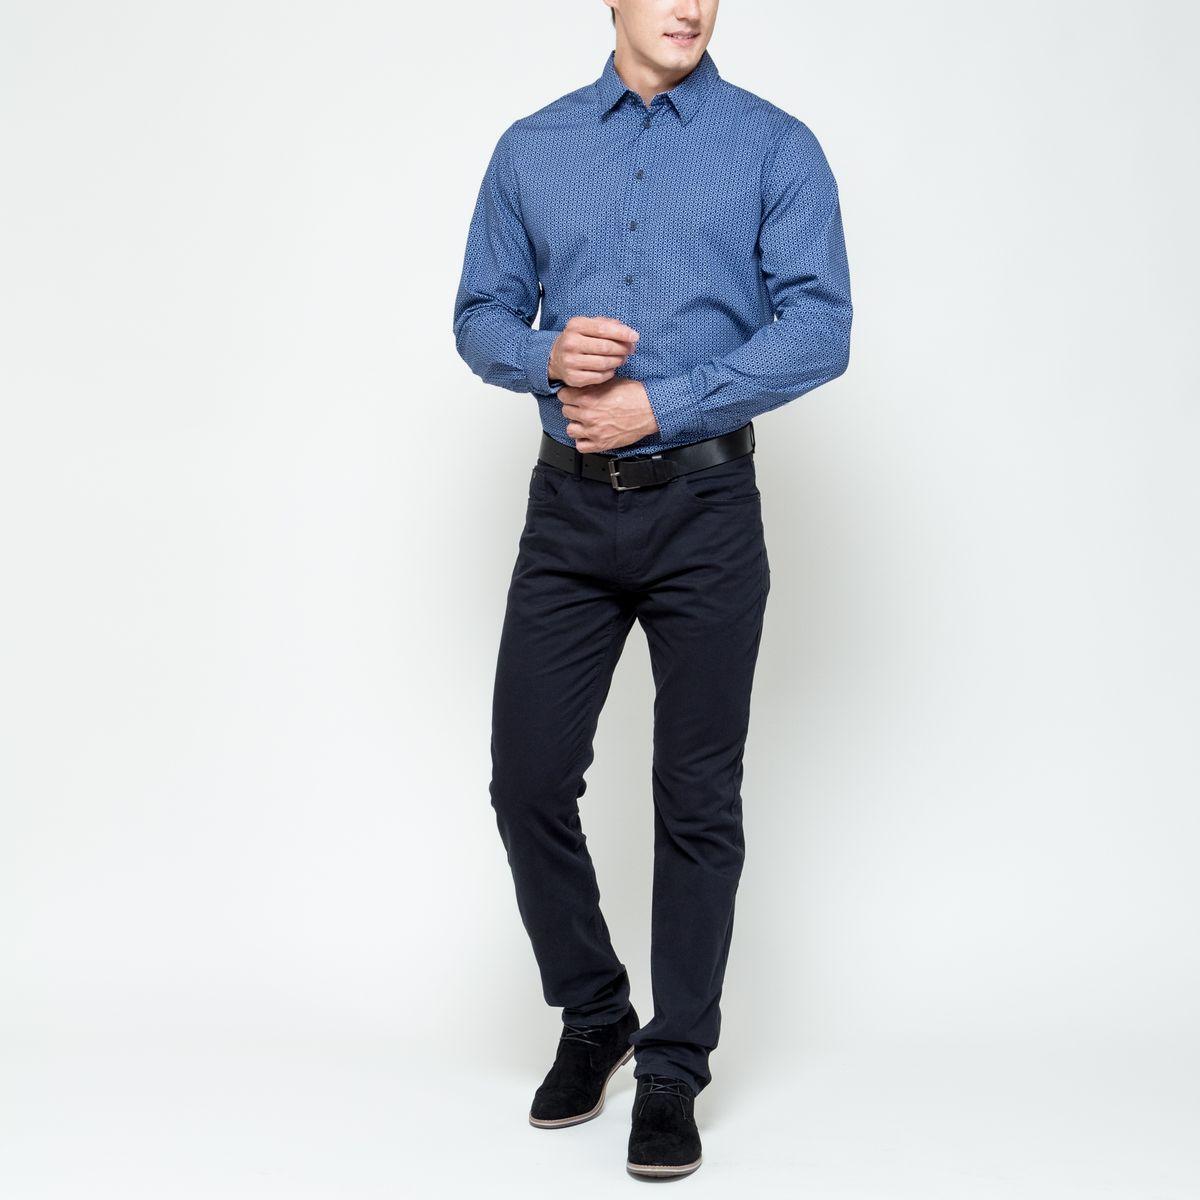 H-212/697-6322Стильная мужская рубашка Sela Casual Wear, выполненная из натурального хлопка, позволяет коже дышать, тем самым обеспечивая наибольший комфорт при носке. Модель классического кроя с отложным воротником и длинными рукавами застегивается на пуговицы по всей длине. Модель оформлена оригинальным принтом. Манжеты рукавов дополнены застежками-пуговицами.